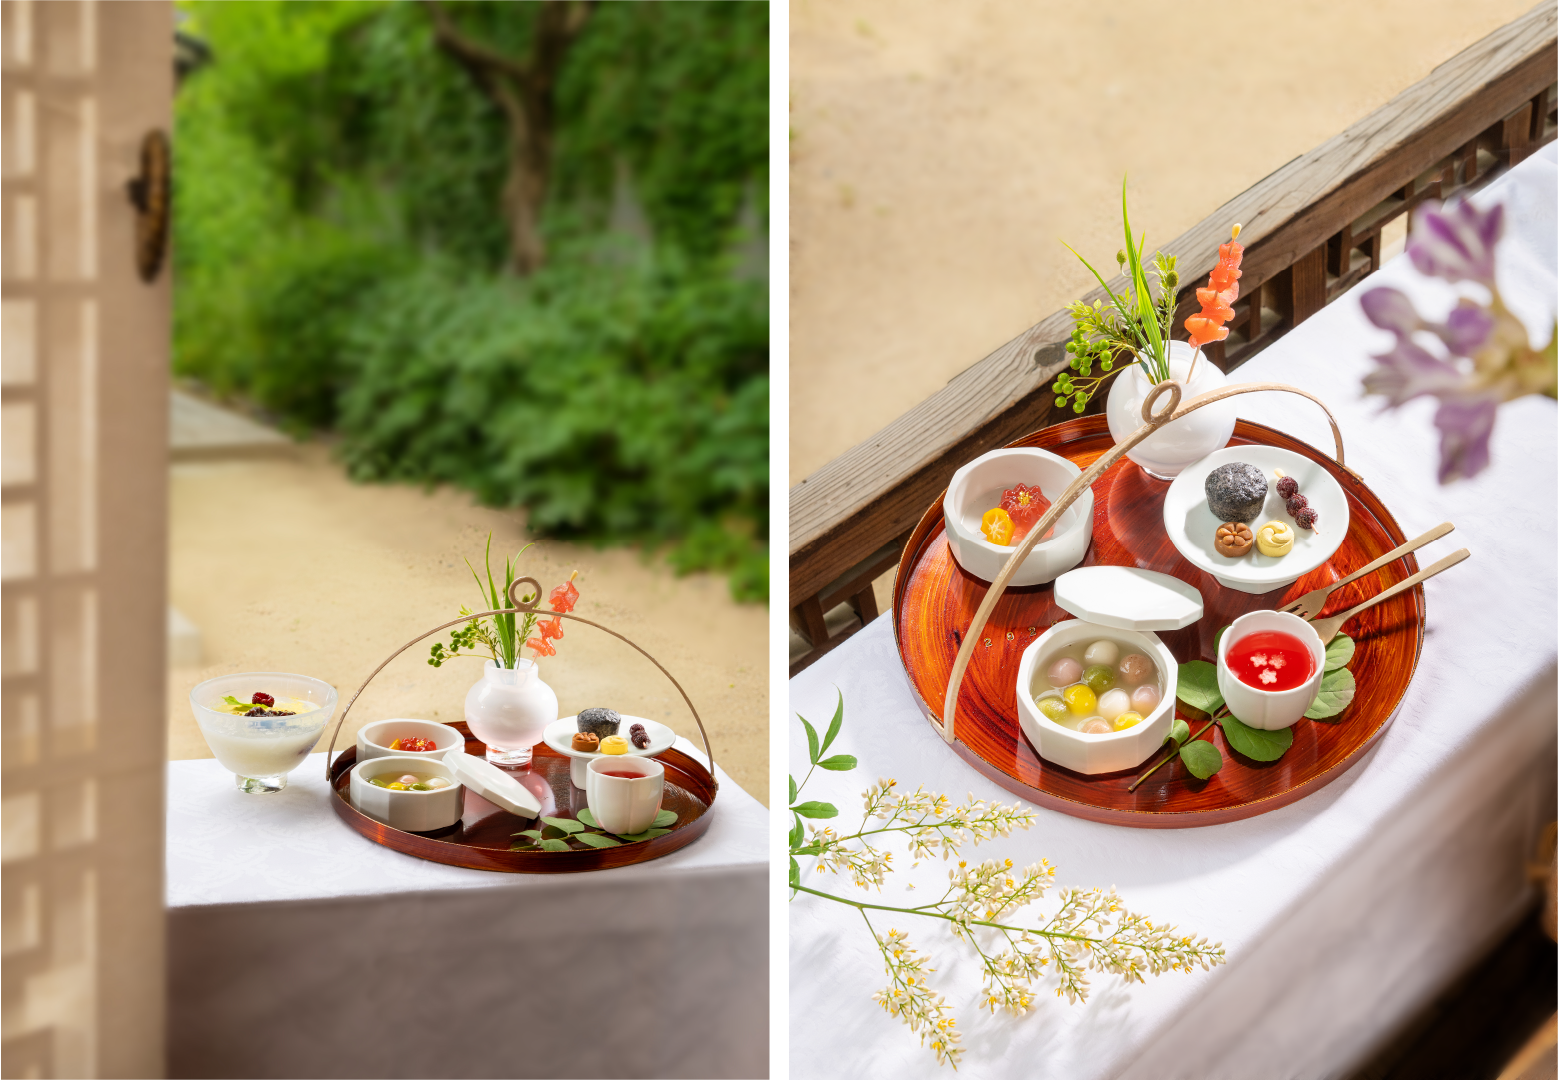 Коллаж из двух фотографий. На фото слева можно увидеть сладости на деревянном круглом подносе, который виднеется из окна традиционного дома Ханок. На фото справа - корейские традиционные сладости на деревянном круглом подносе, стоящем на столе, покрытом белой скатертью.